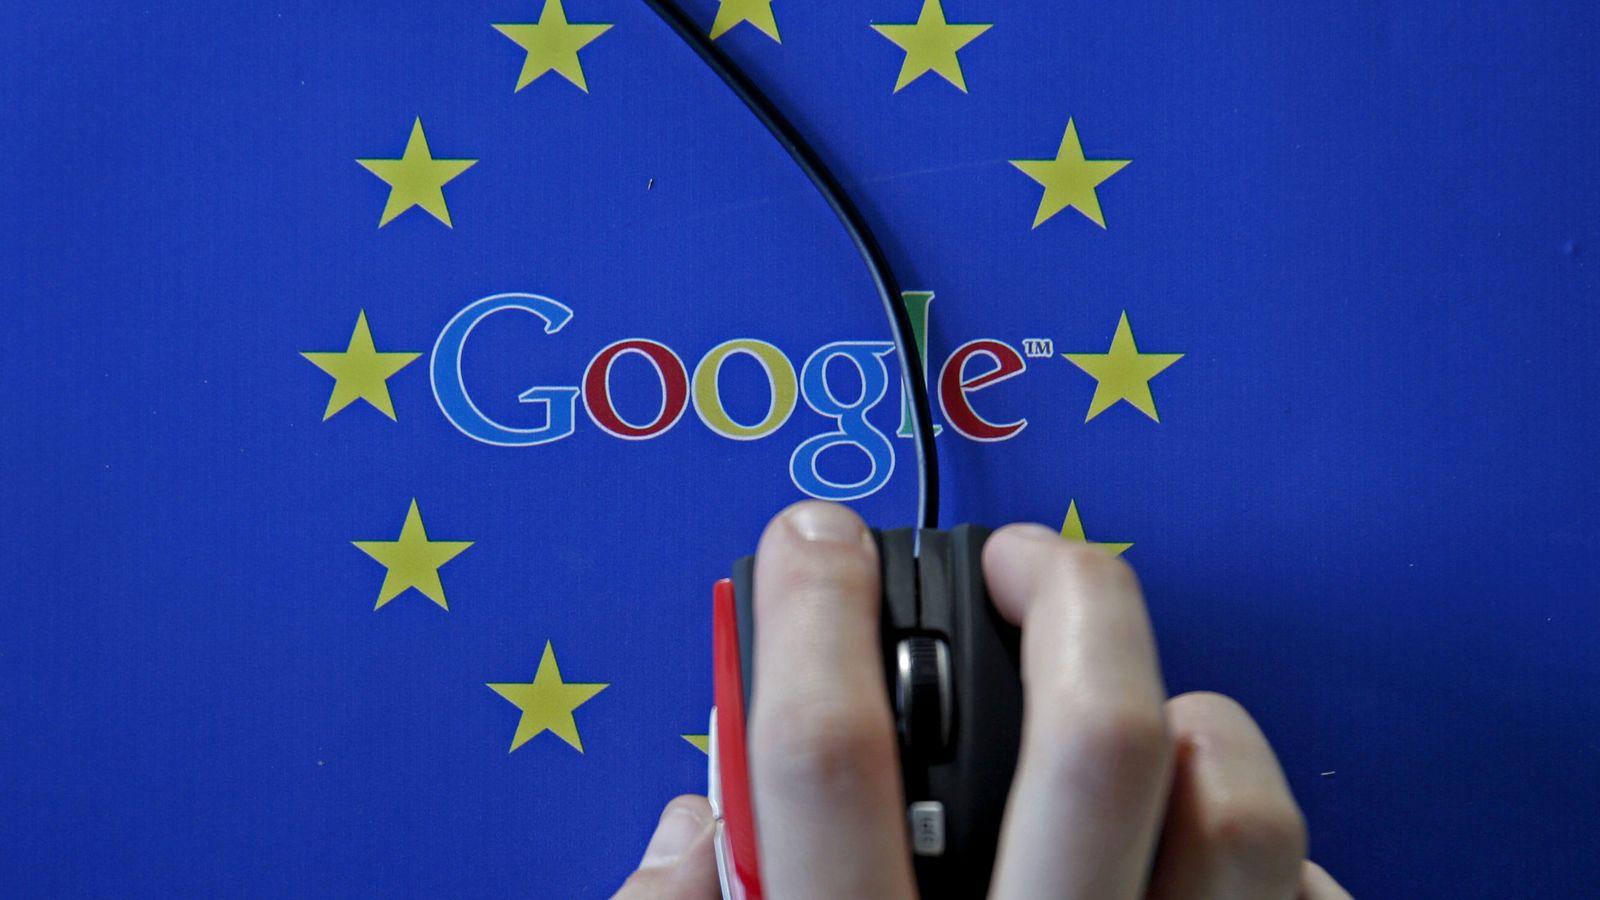 Foto: El logo de Google frente a la bandera de la Unión Europea. (Reuters)